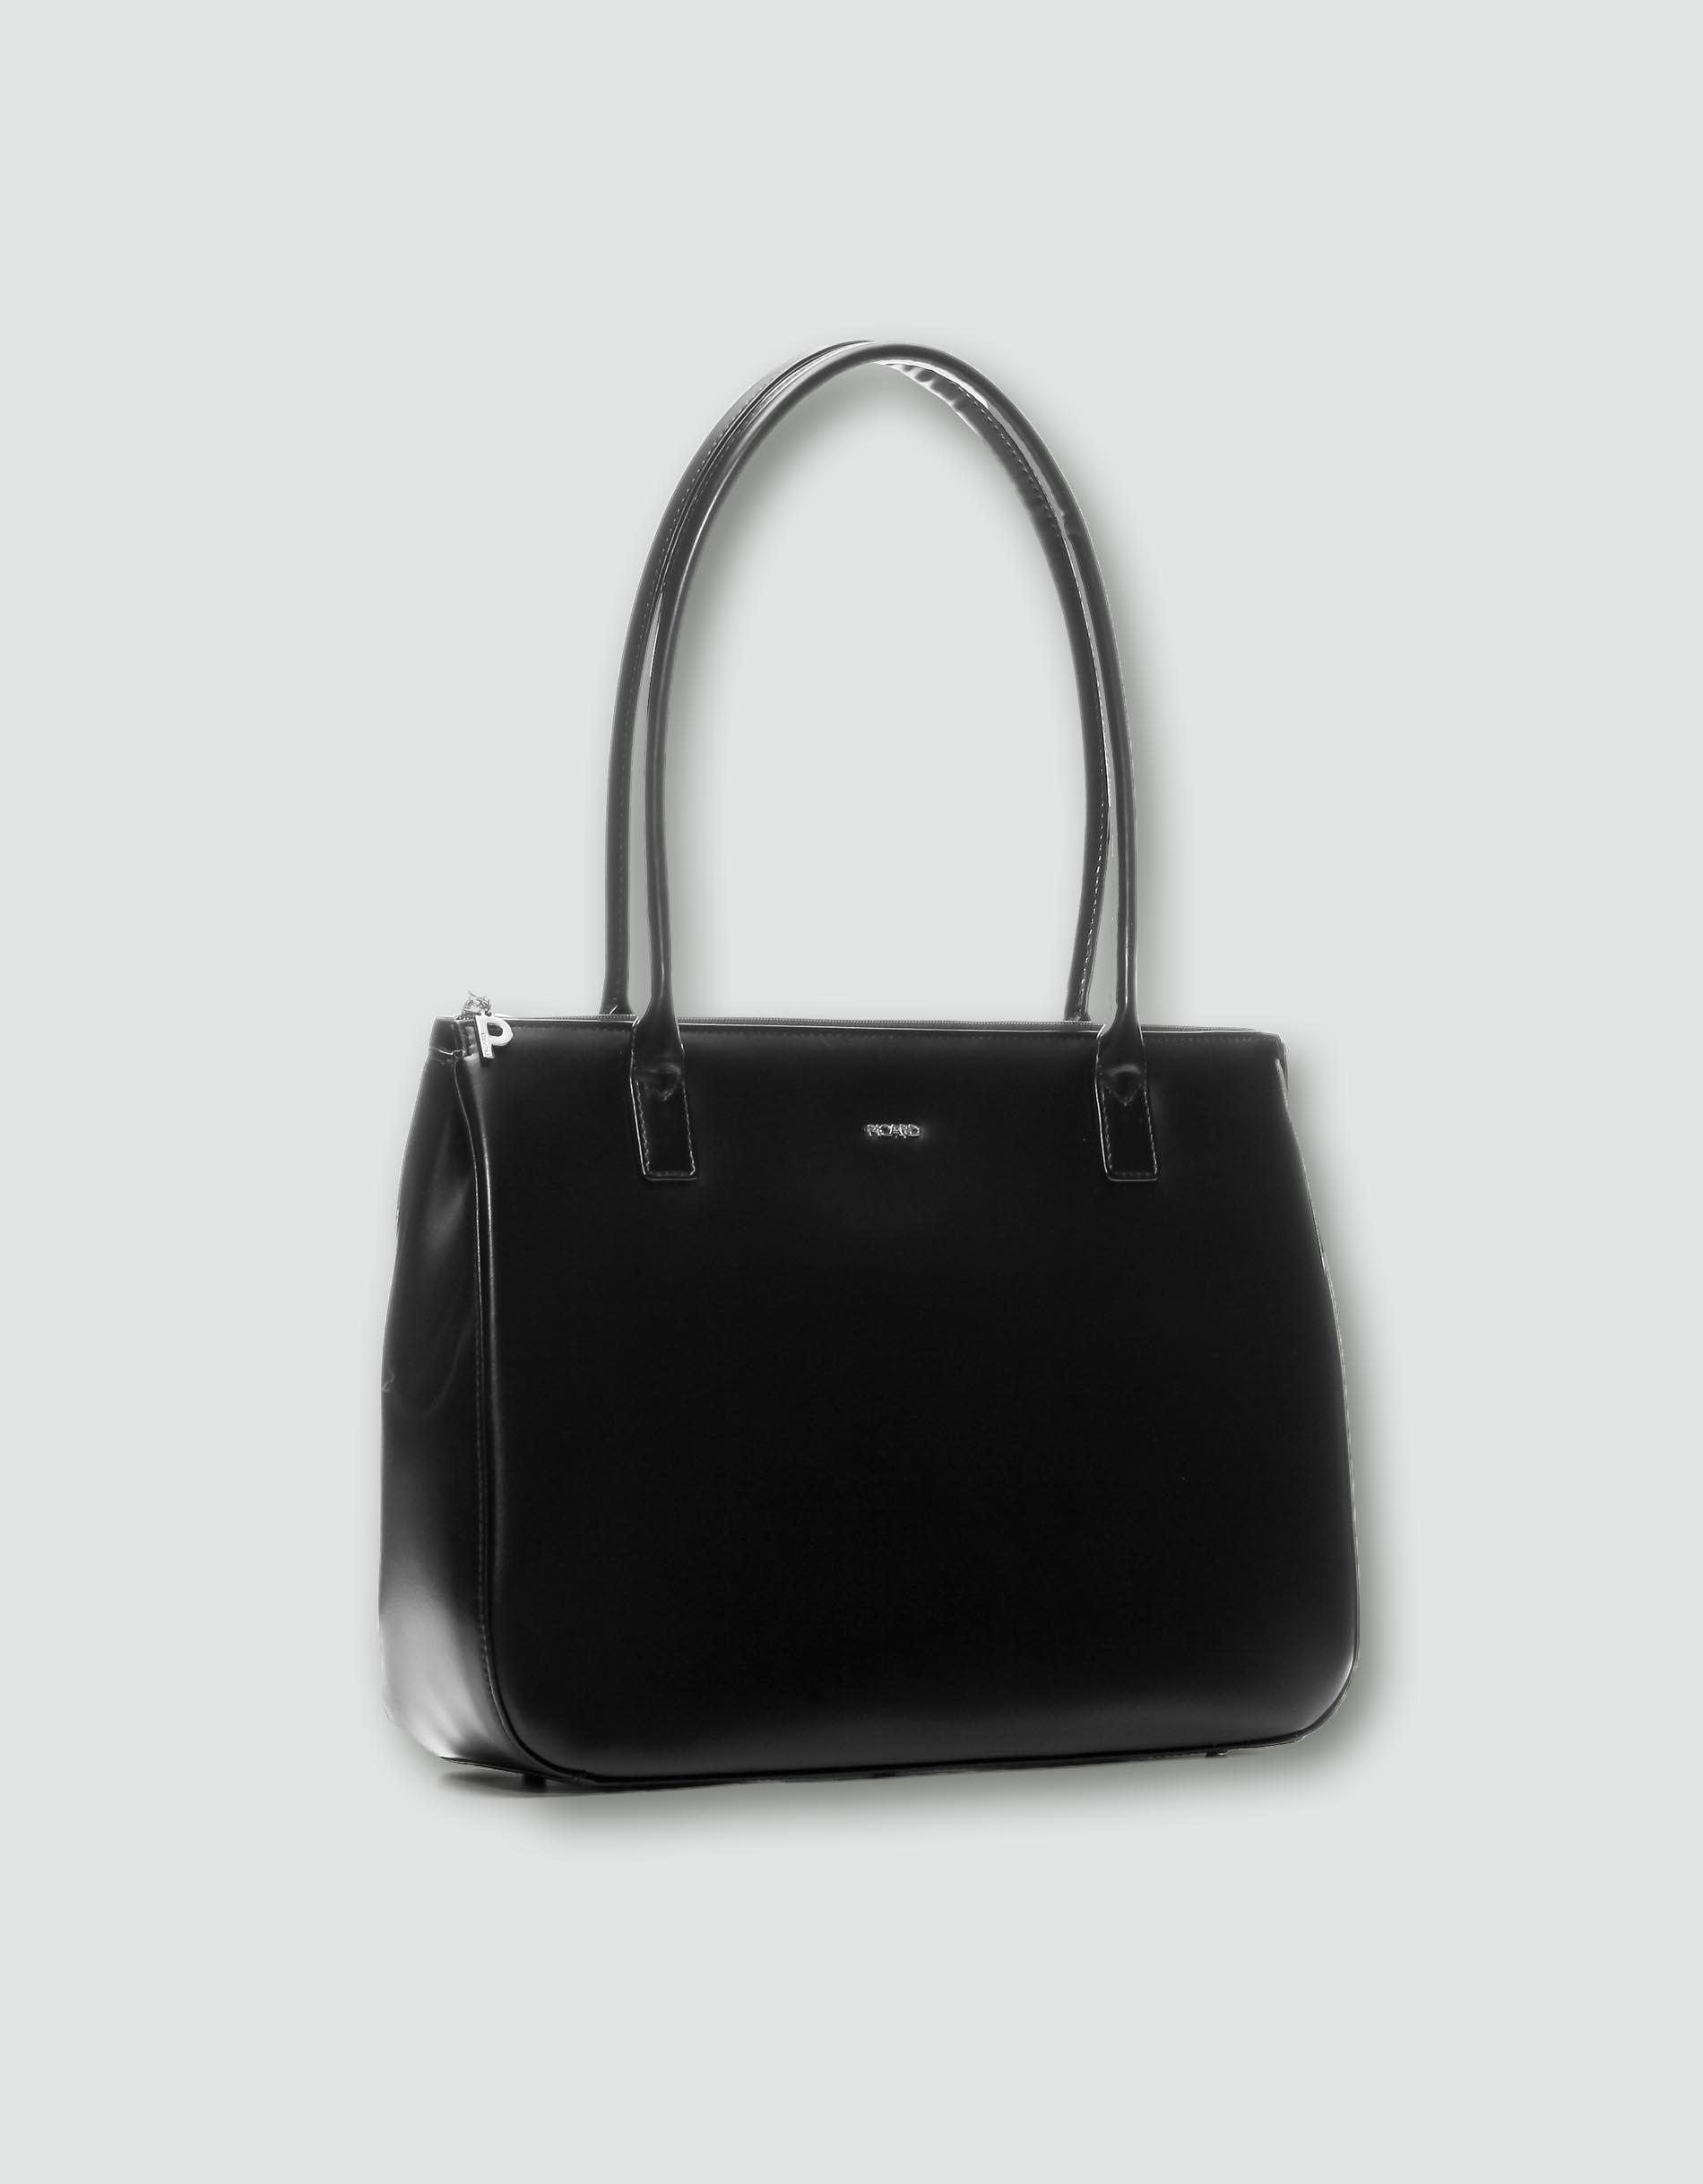 8d4e22537871c HandLederSchwarz Empfohlen Promotion Tasche Picard Von Damen fgvYby76